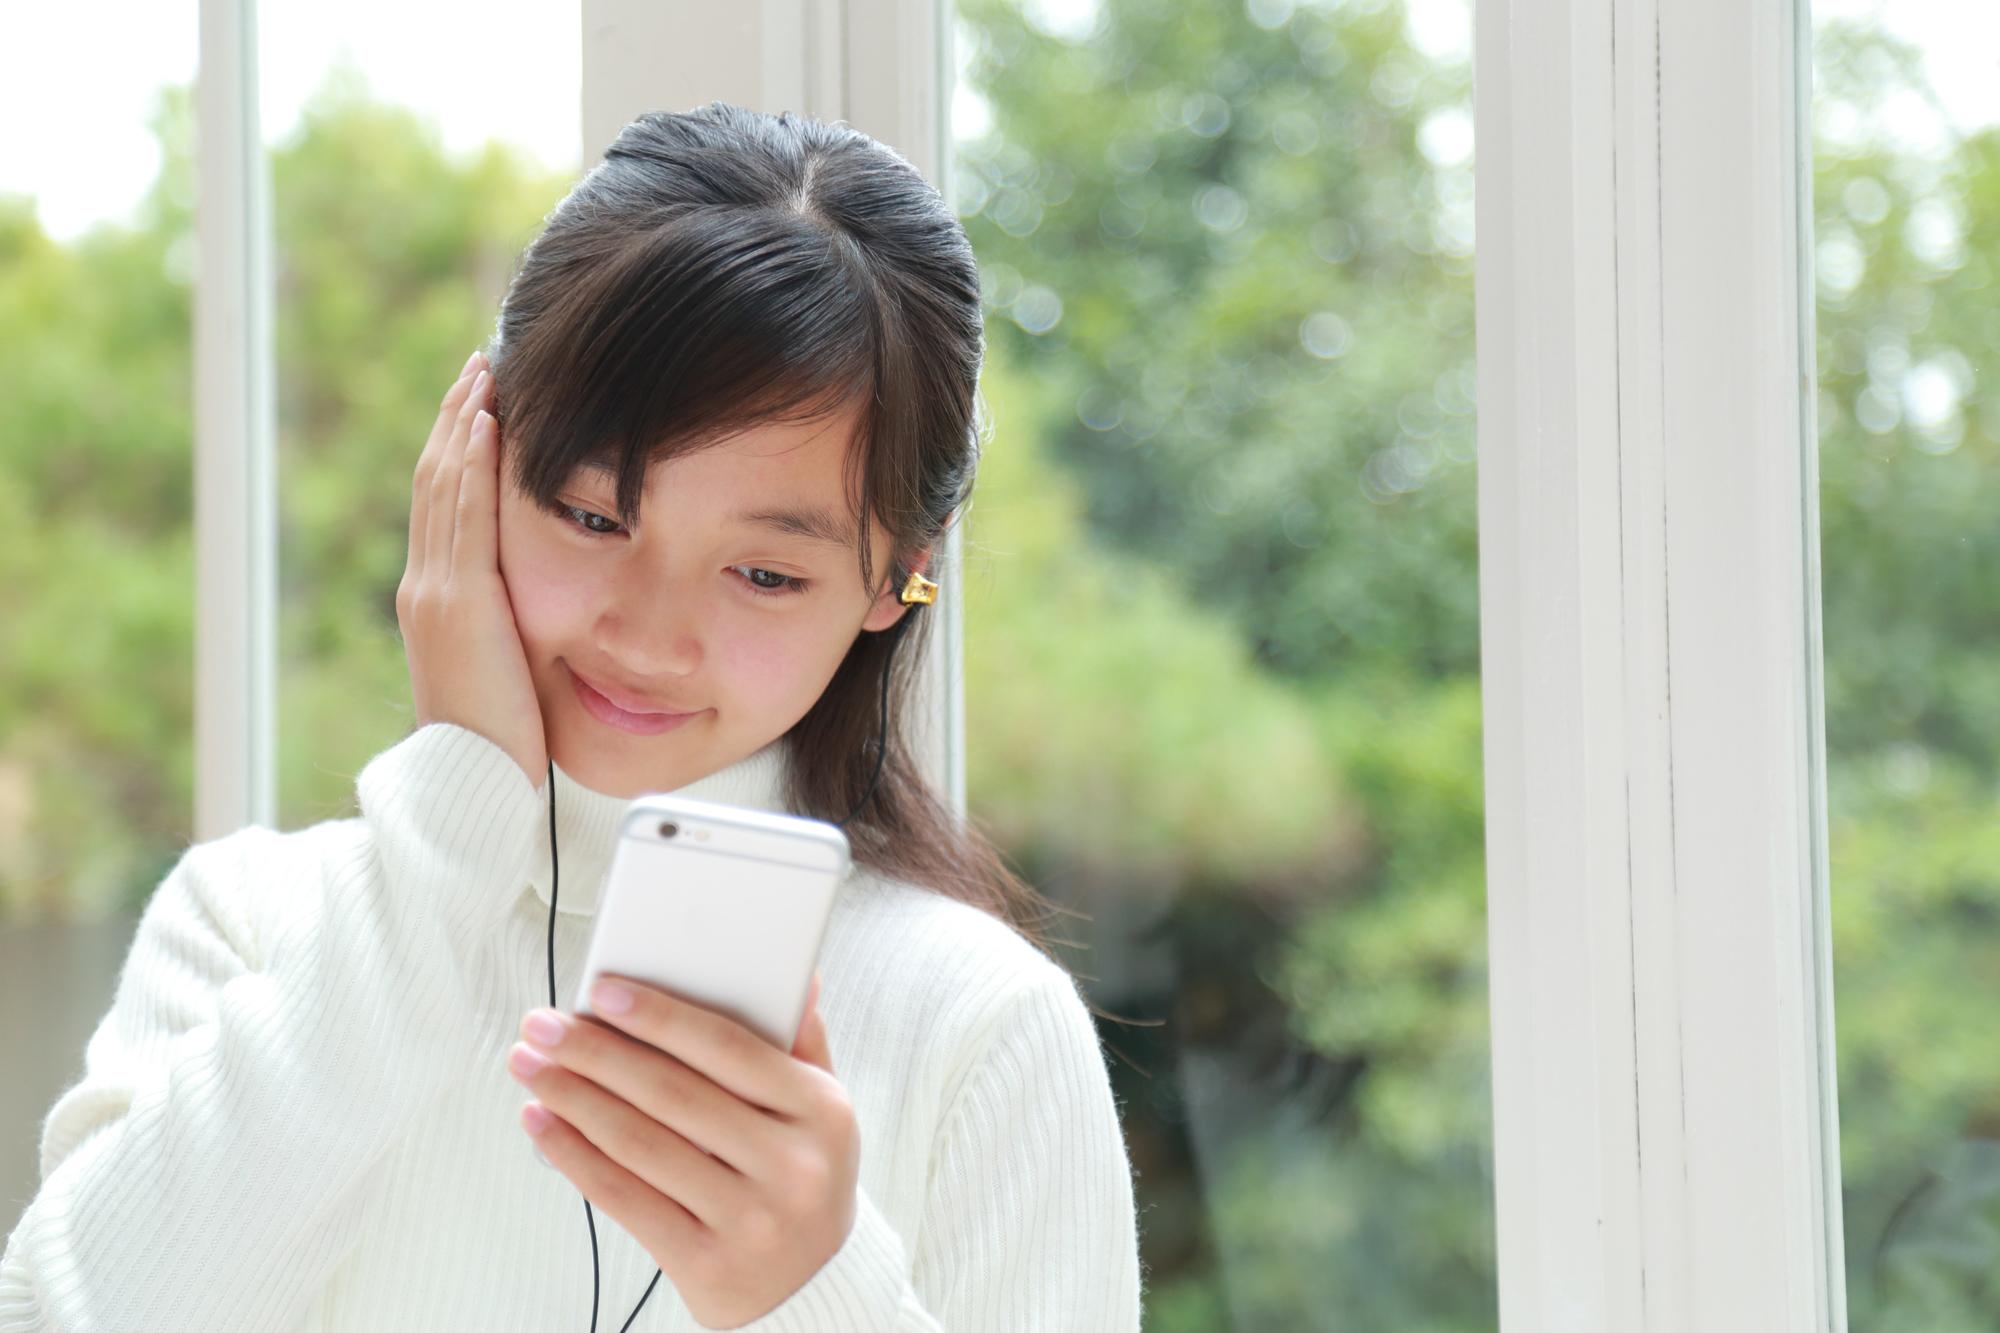 イヤホンで音楽を聞く女の子